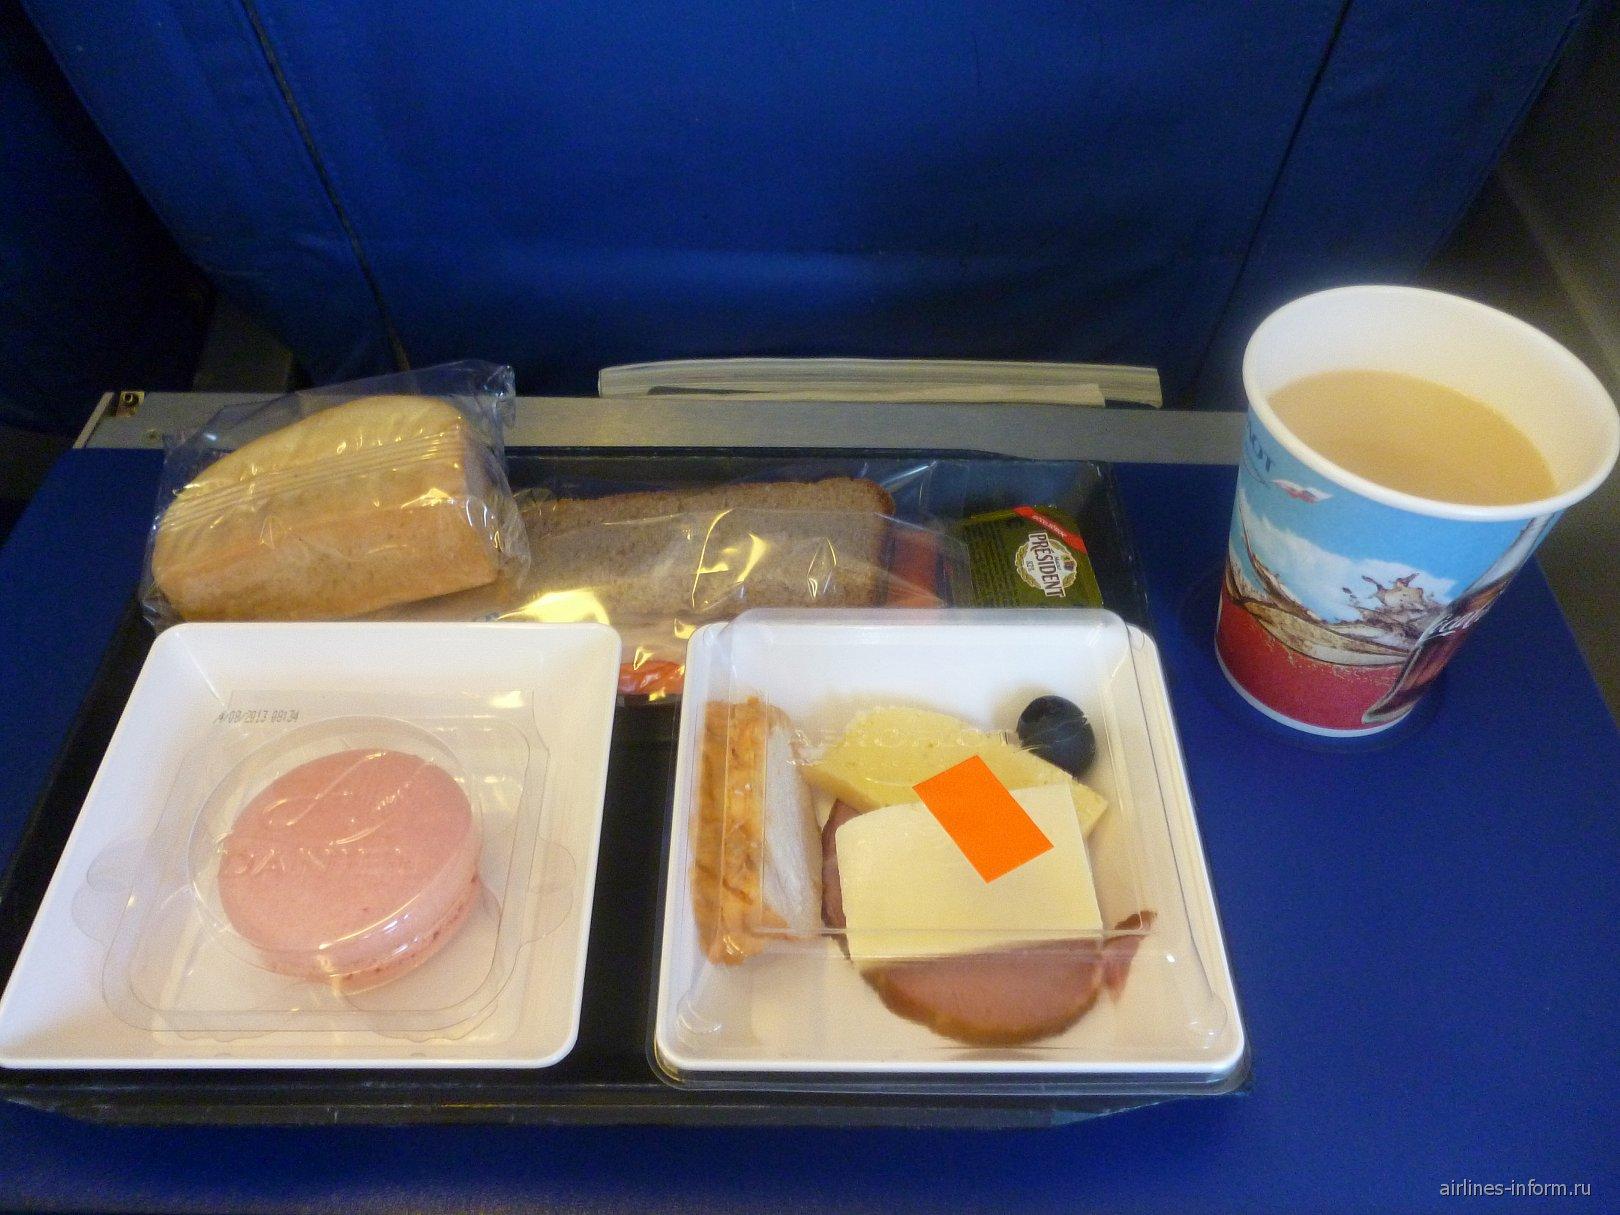 Питание на рейсе авиакомпании Аэрофлот Уфа-Москва